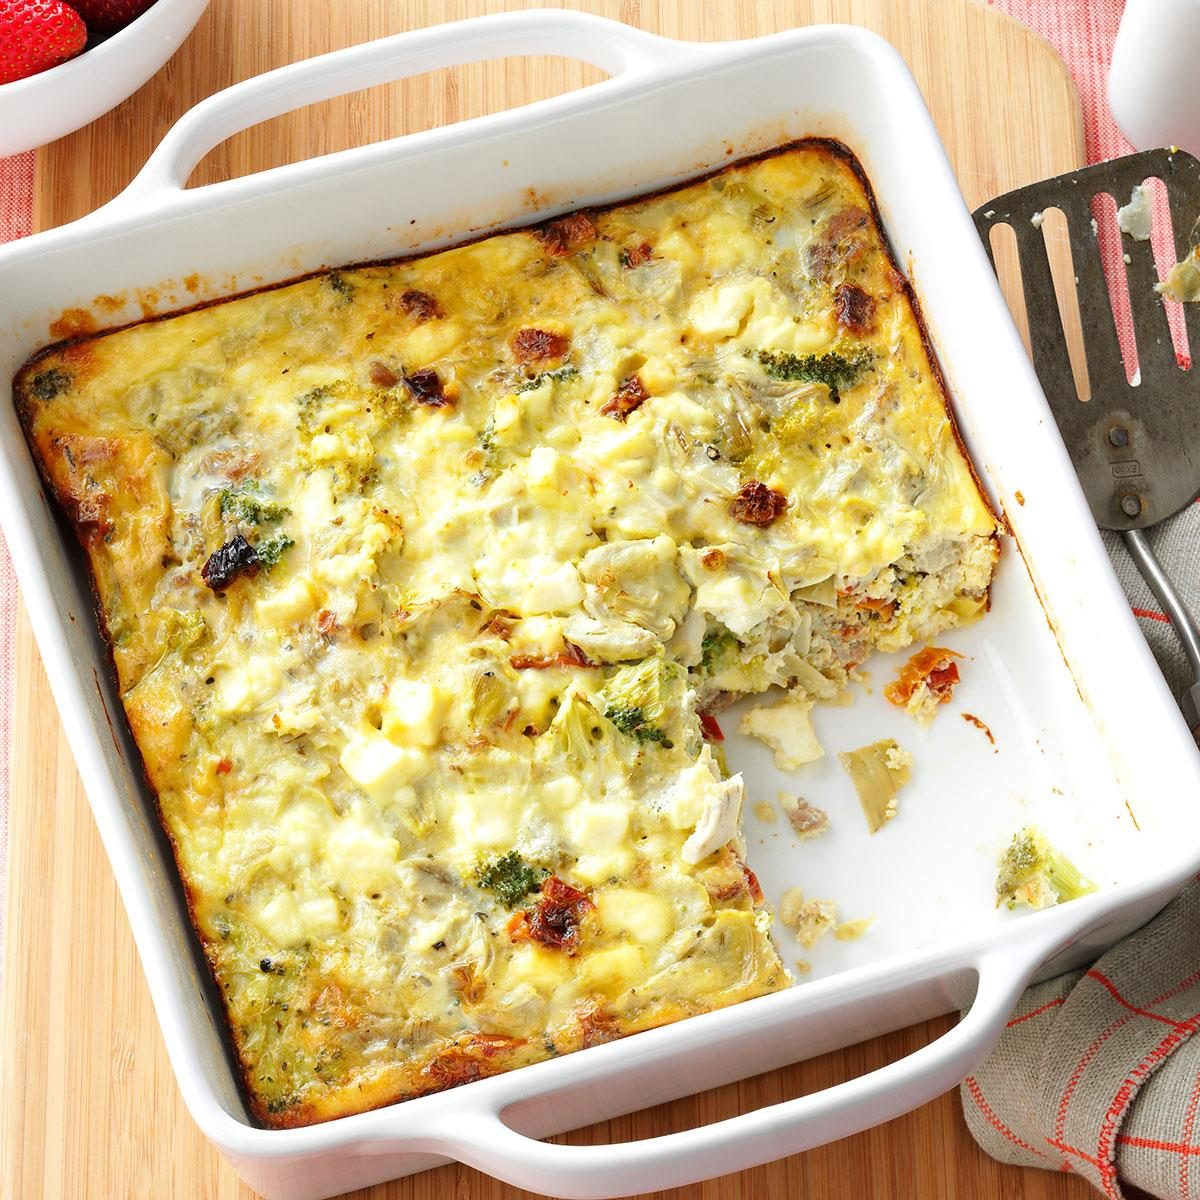 Breakfast Casserole Healthy: Greek Breakfast Casserole Recipe